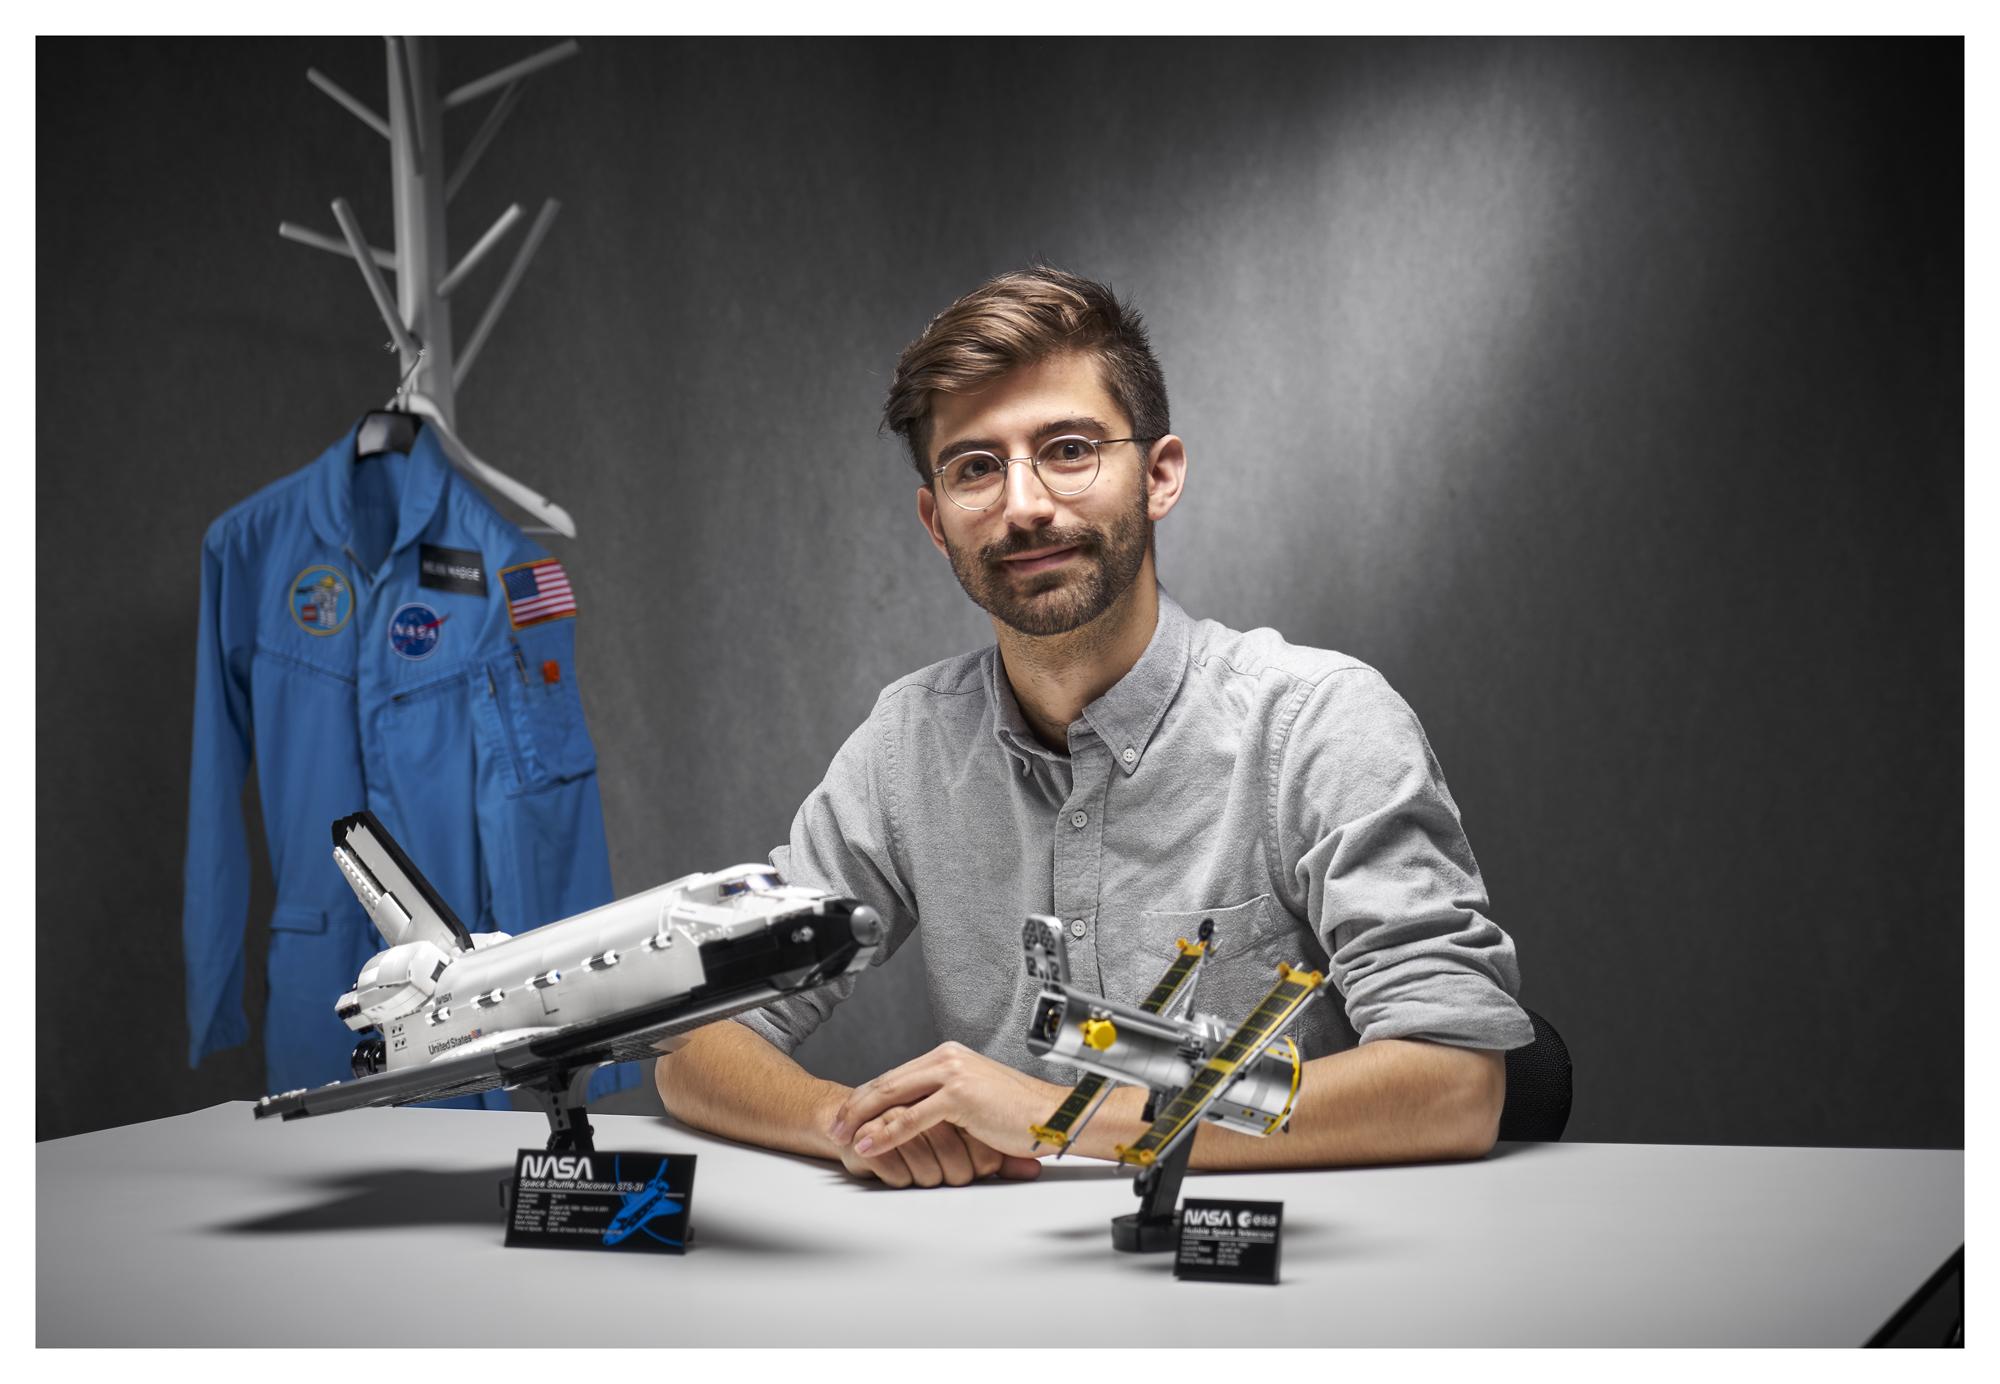 Le nouvel ensemble de découverte de la navette spatiale de la NASA de Lego est livré avec le télescope spatial Hubble et sera lancé dans les histoires Lego le 1er avril 2021.